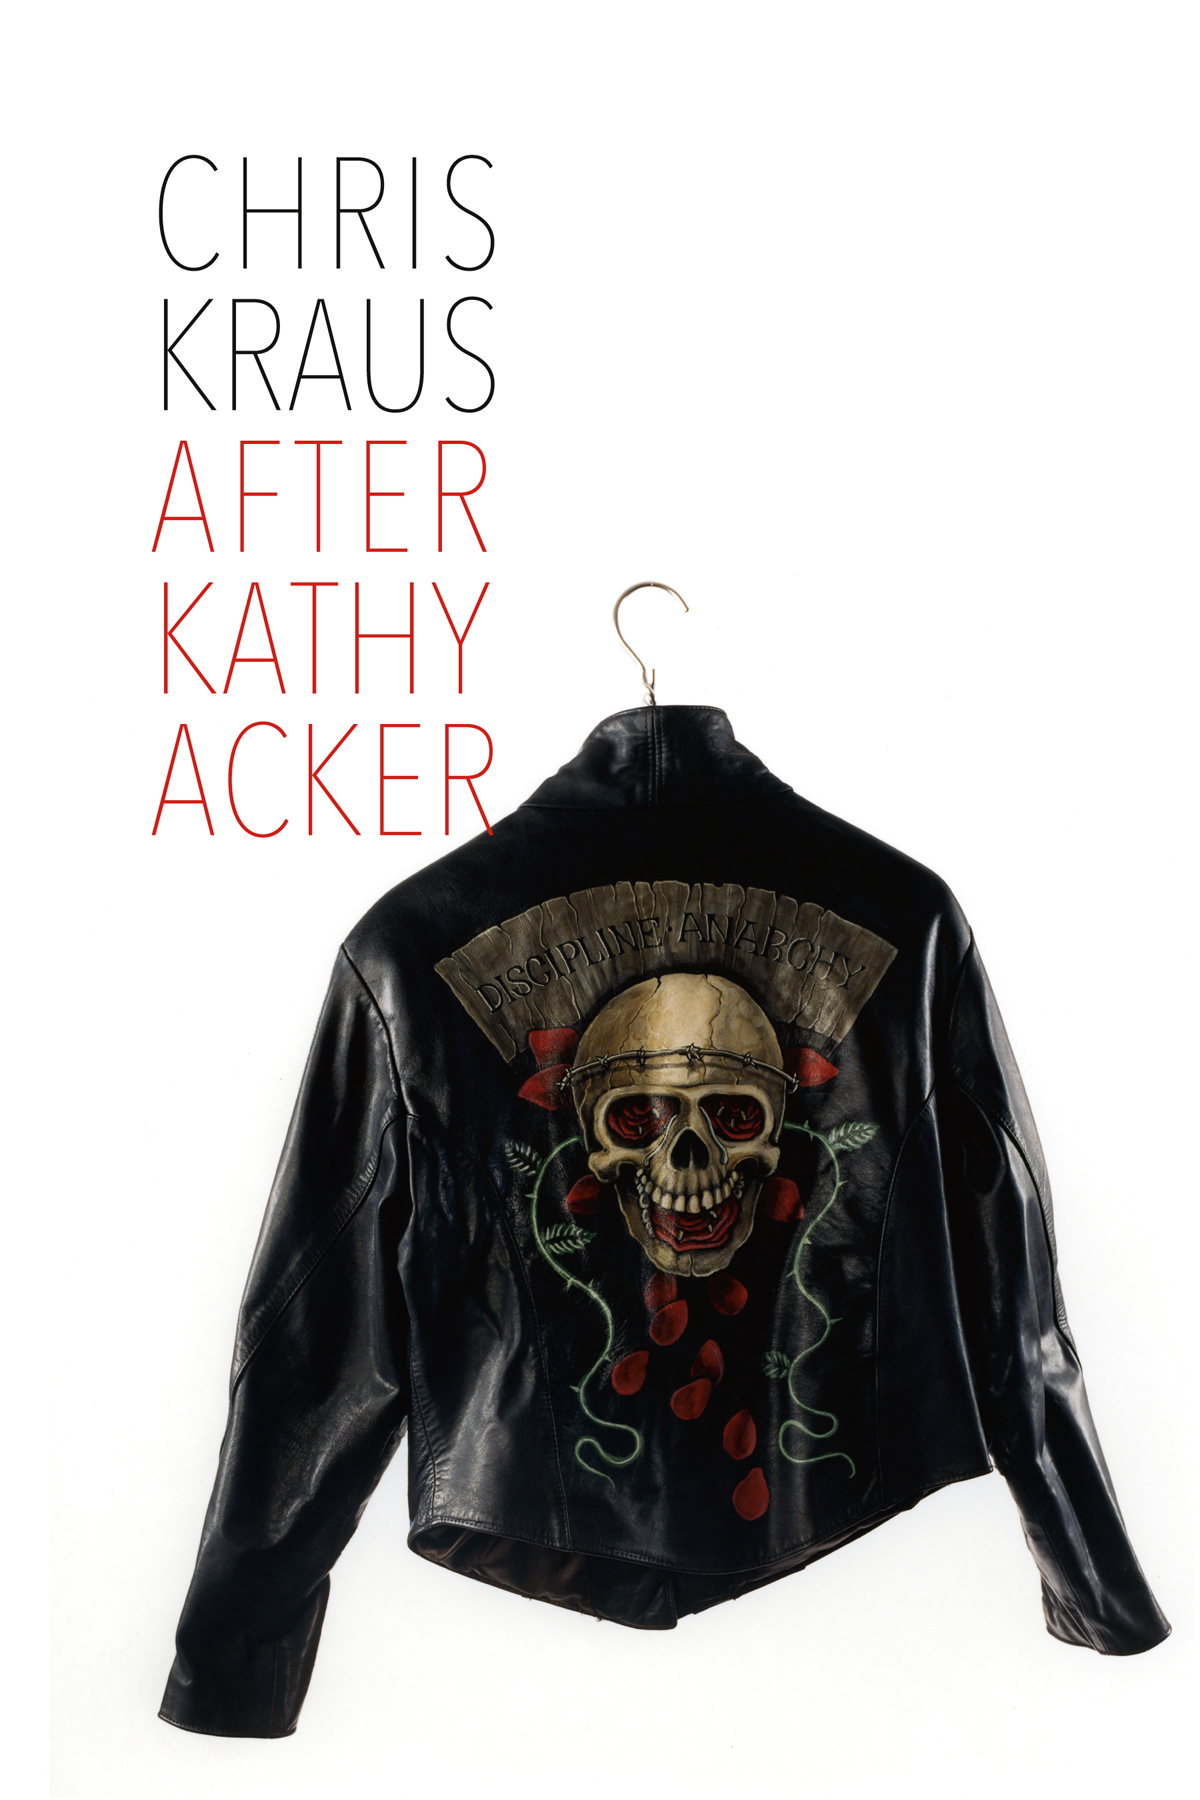 Chris Kraus, After Kathy Acker